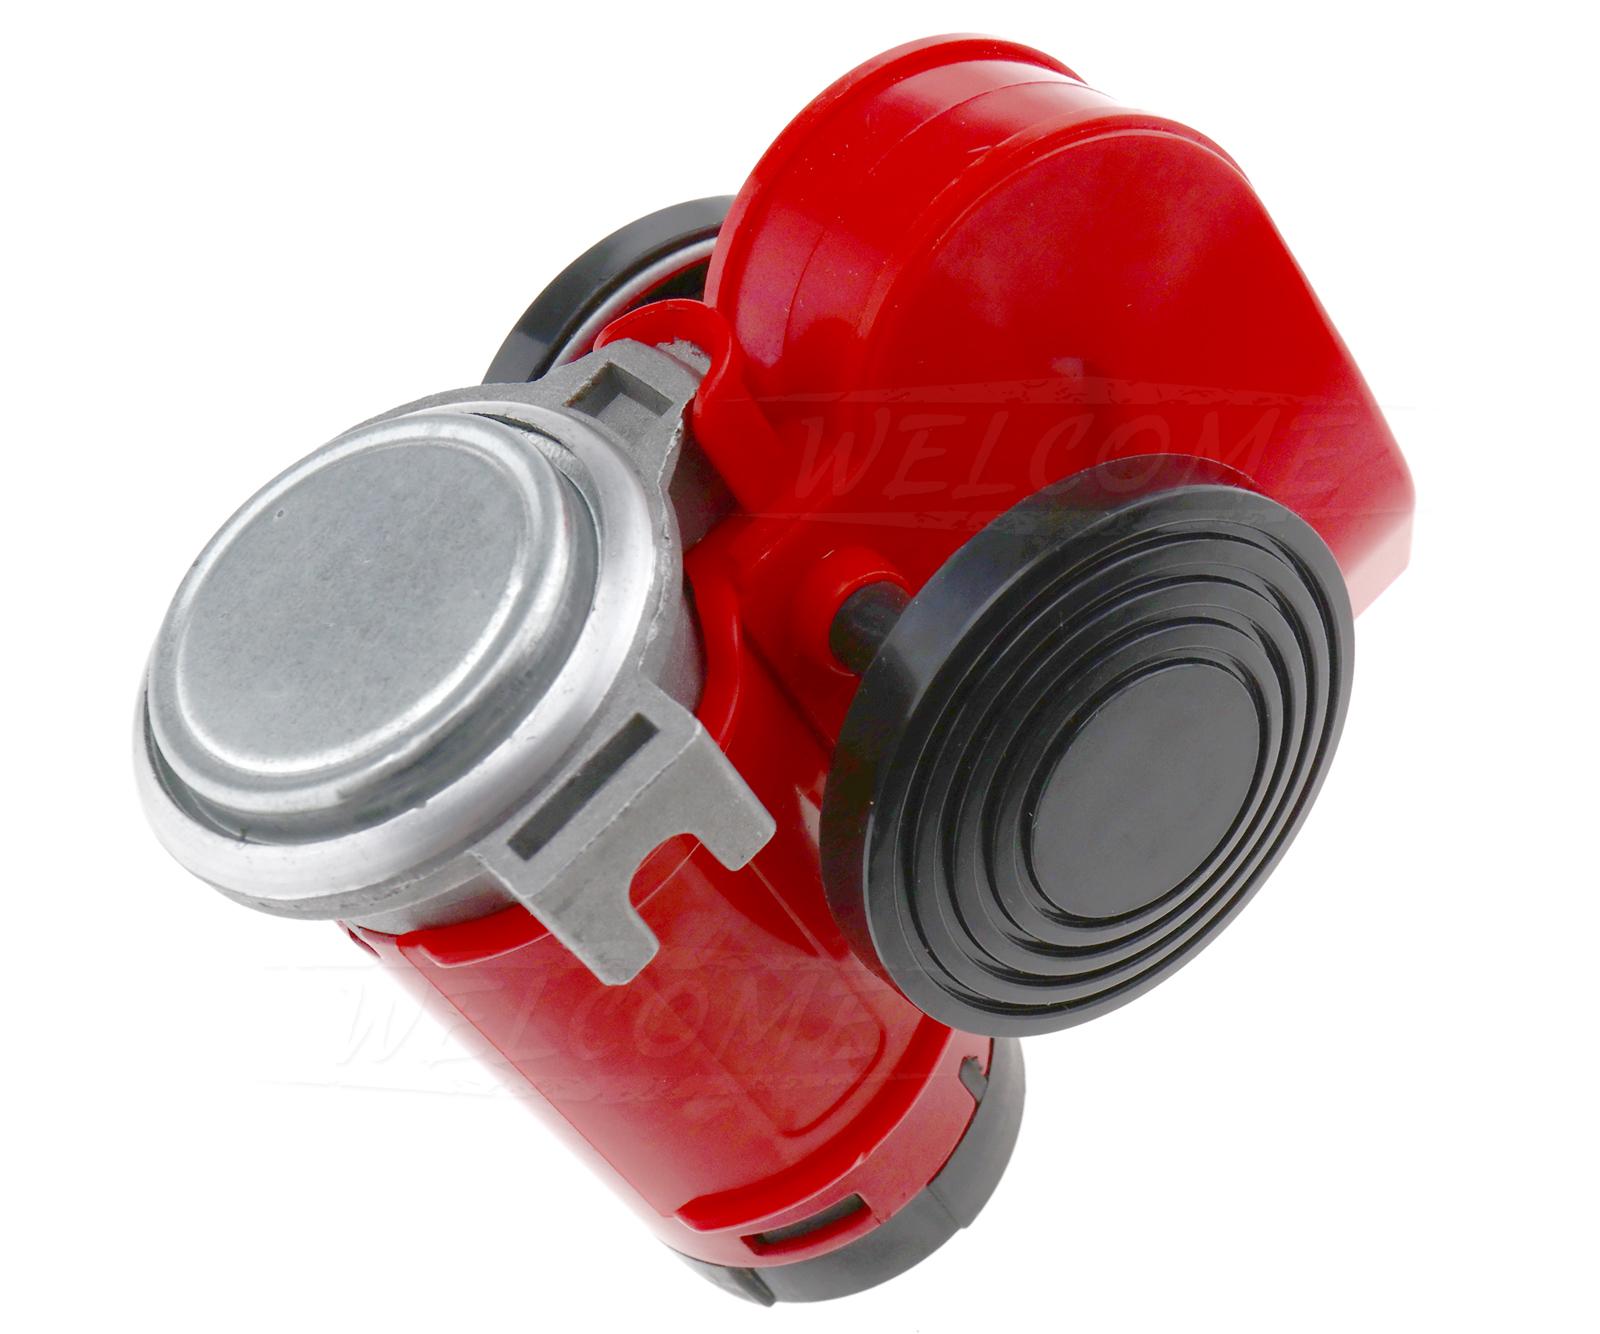 Car Air Horn 12v 136db Blast Compact Twin Tone Loud Horns